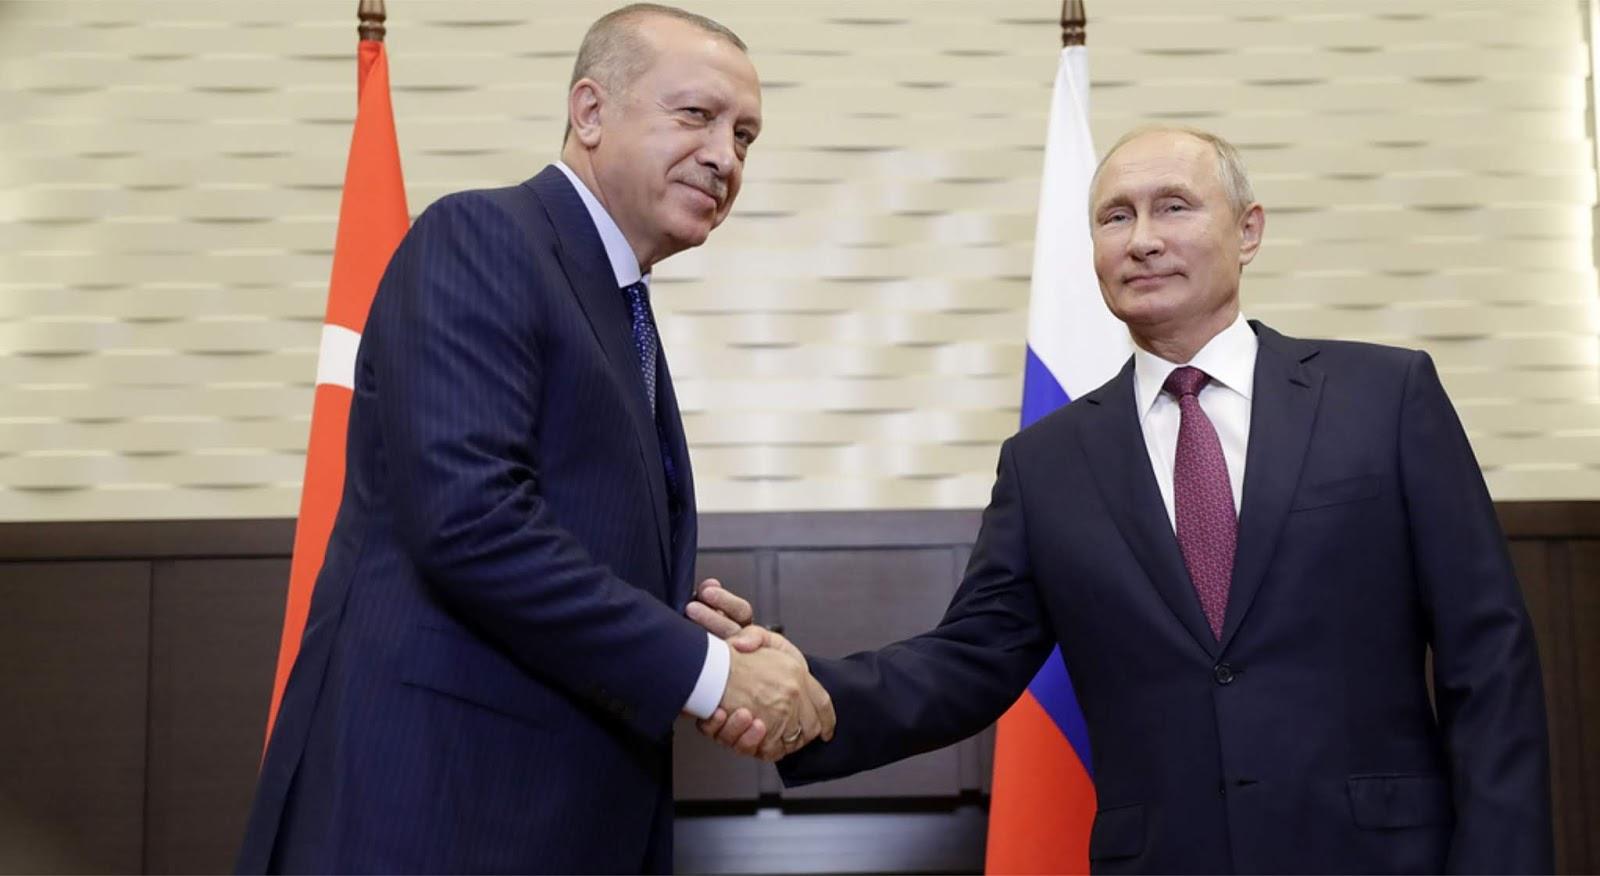 Kedekatan Erdogan dan Putin bisa mmbahayakan NATO